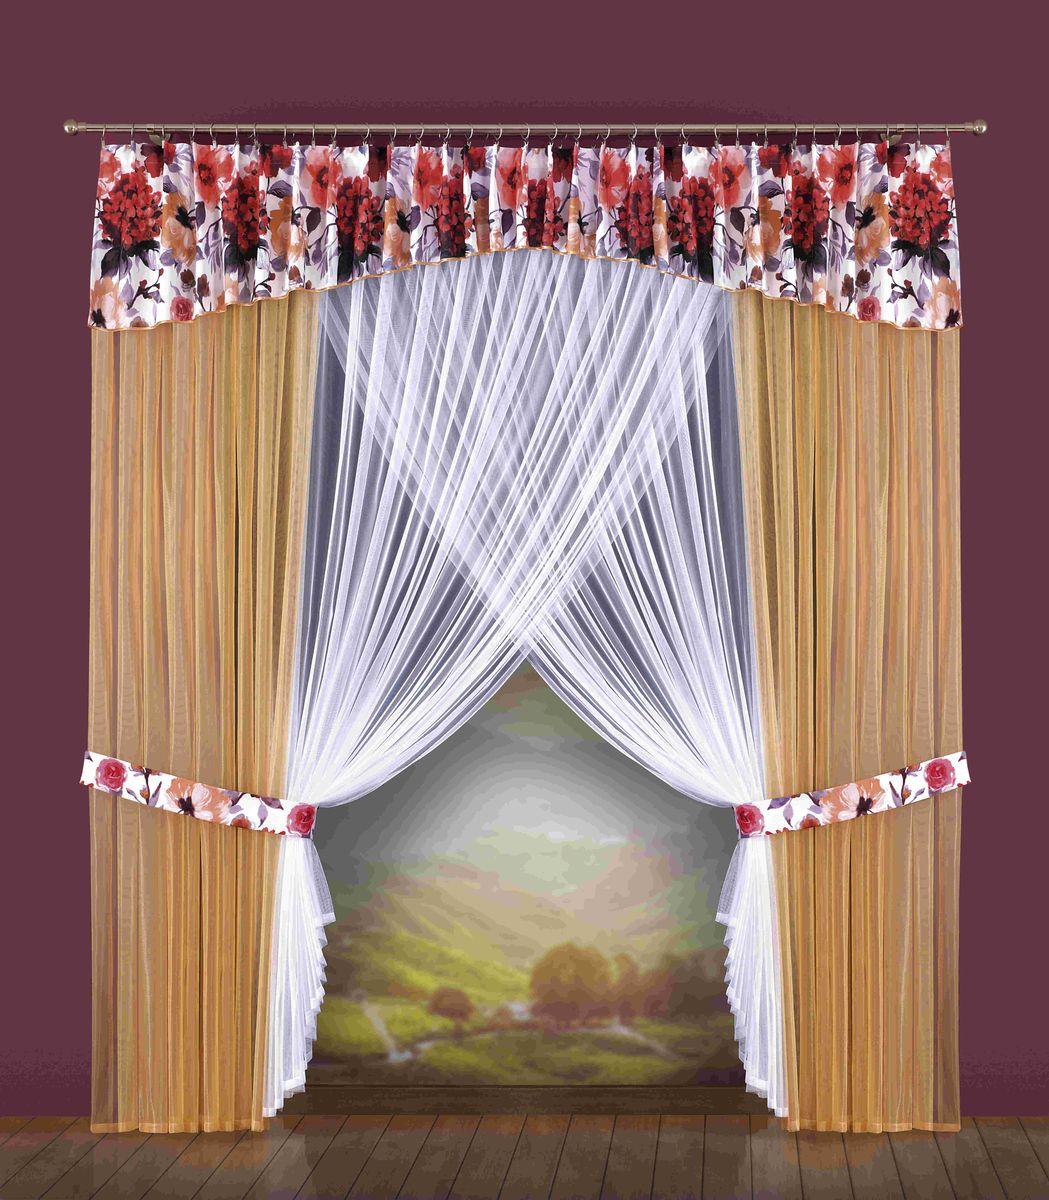 Комплект штор Wisan Antonina, на ленте, цвет: белый, бежевый, красный, высота 250 смW542Комплект штор Wisan Antonina выполненный из полиэстера, великолепно украсит любое окно. В комплект входят 2 шторы, тюль, плотный ламбрекен и 2 подхвата.Оригинальный дизайн придает комплекту особый стиль и шарм. Качественный материал и тонкое плетение, нежная цветовая гамма и роскошное исполнение - все это делает шторы Wisan Antonina замечательным дополнением интерьера помещения.Комплект оснащен шторной лентой для красивой сборки. В комплект входит: Тюль - 1 шт. Размер (ШхВ): 300 см х 250 см.Штора - 2 шт. Размер (ШхВ): 250 см х 250 см.Ламбрекен - 1 шт. Размер (ШхВ): 450 см х 50 см. Подхват - 2 шт. Фирма Wisan на польском рынке существует уже более пятидесяти лет и является одной из лучших польских фабрик по производству штор и тканей. Ассортимент фирмы представлен готовыми комплектами штор для гостиной, детской, кухни, а также текстилем для кухни (скатерти, салфетки, дорожки, кухонные занавески). Модельный ряд отличает оригинальный дизайн, высокое качество. Ассортимент продукции постоянно пополняется.